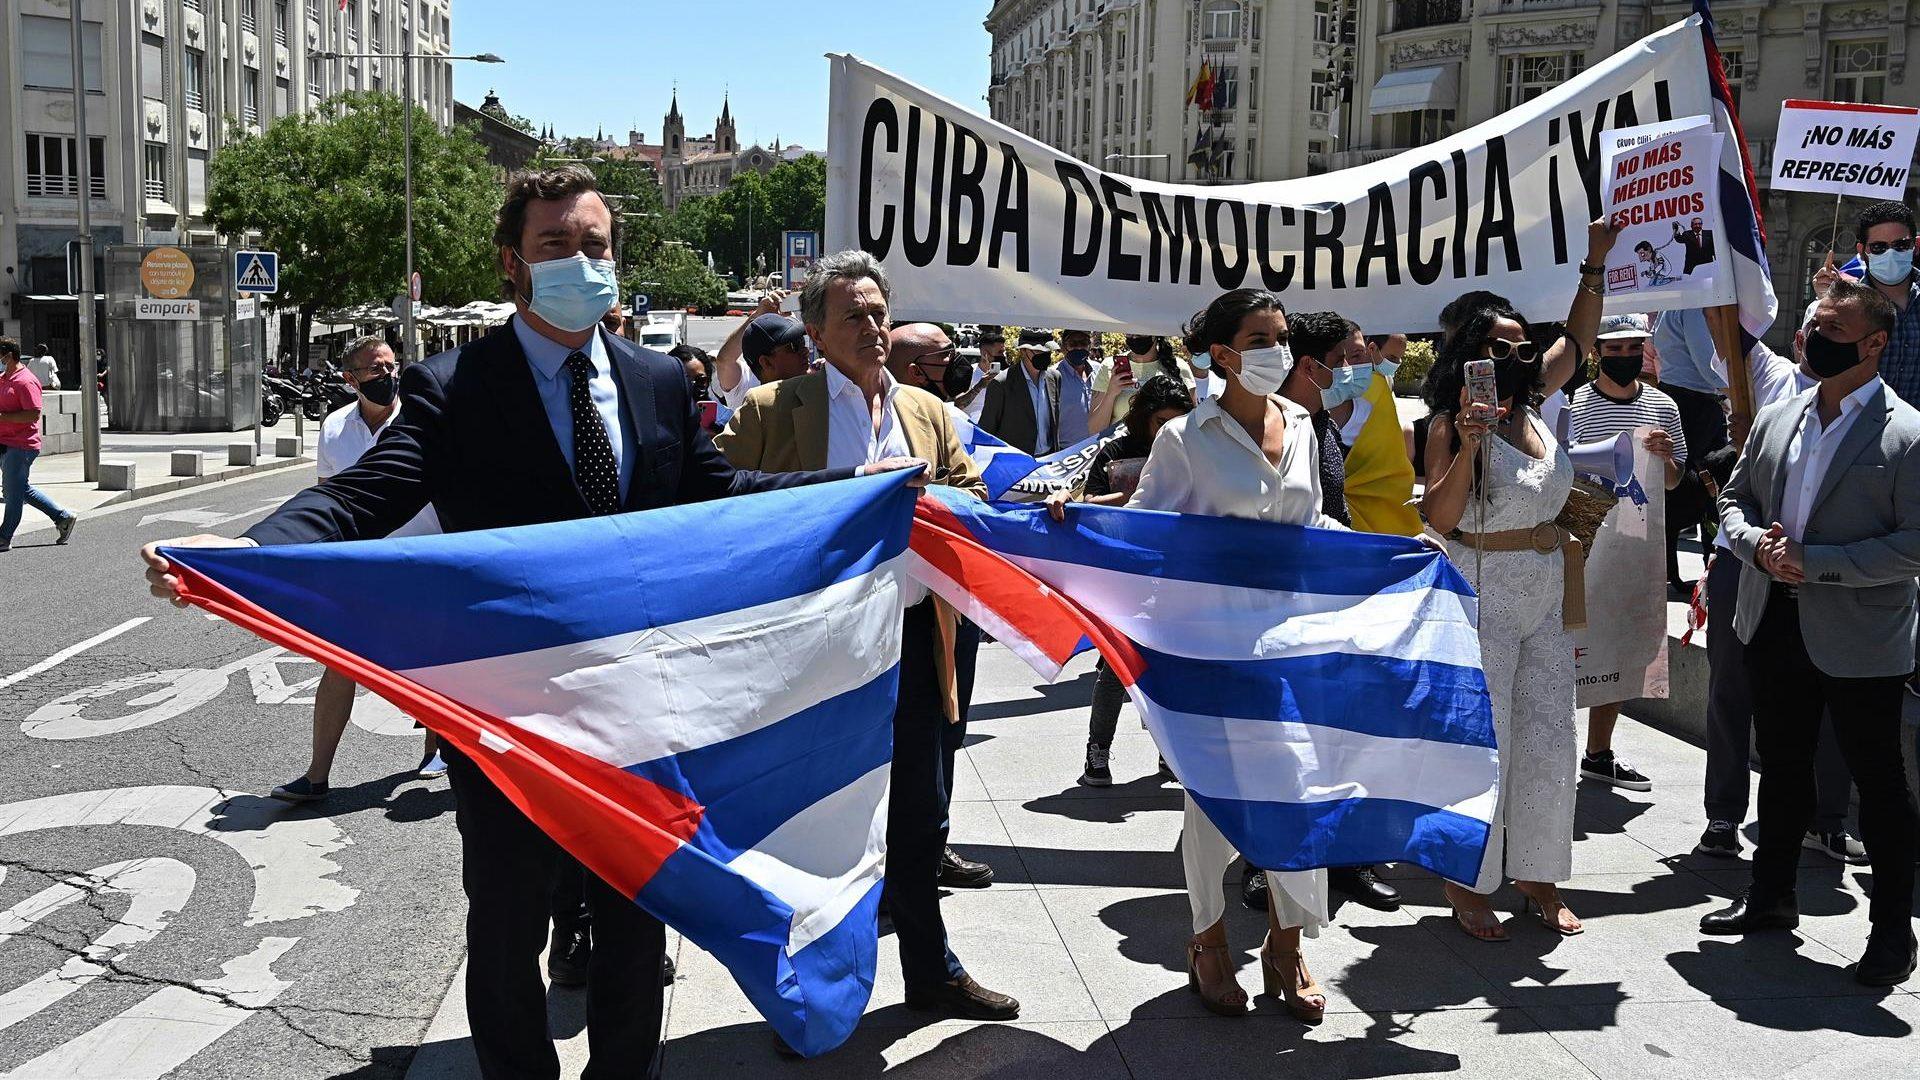 EU ha fracasado en destruir a Cuba, asegura Díaz-Canel